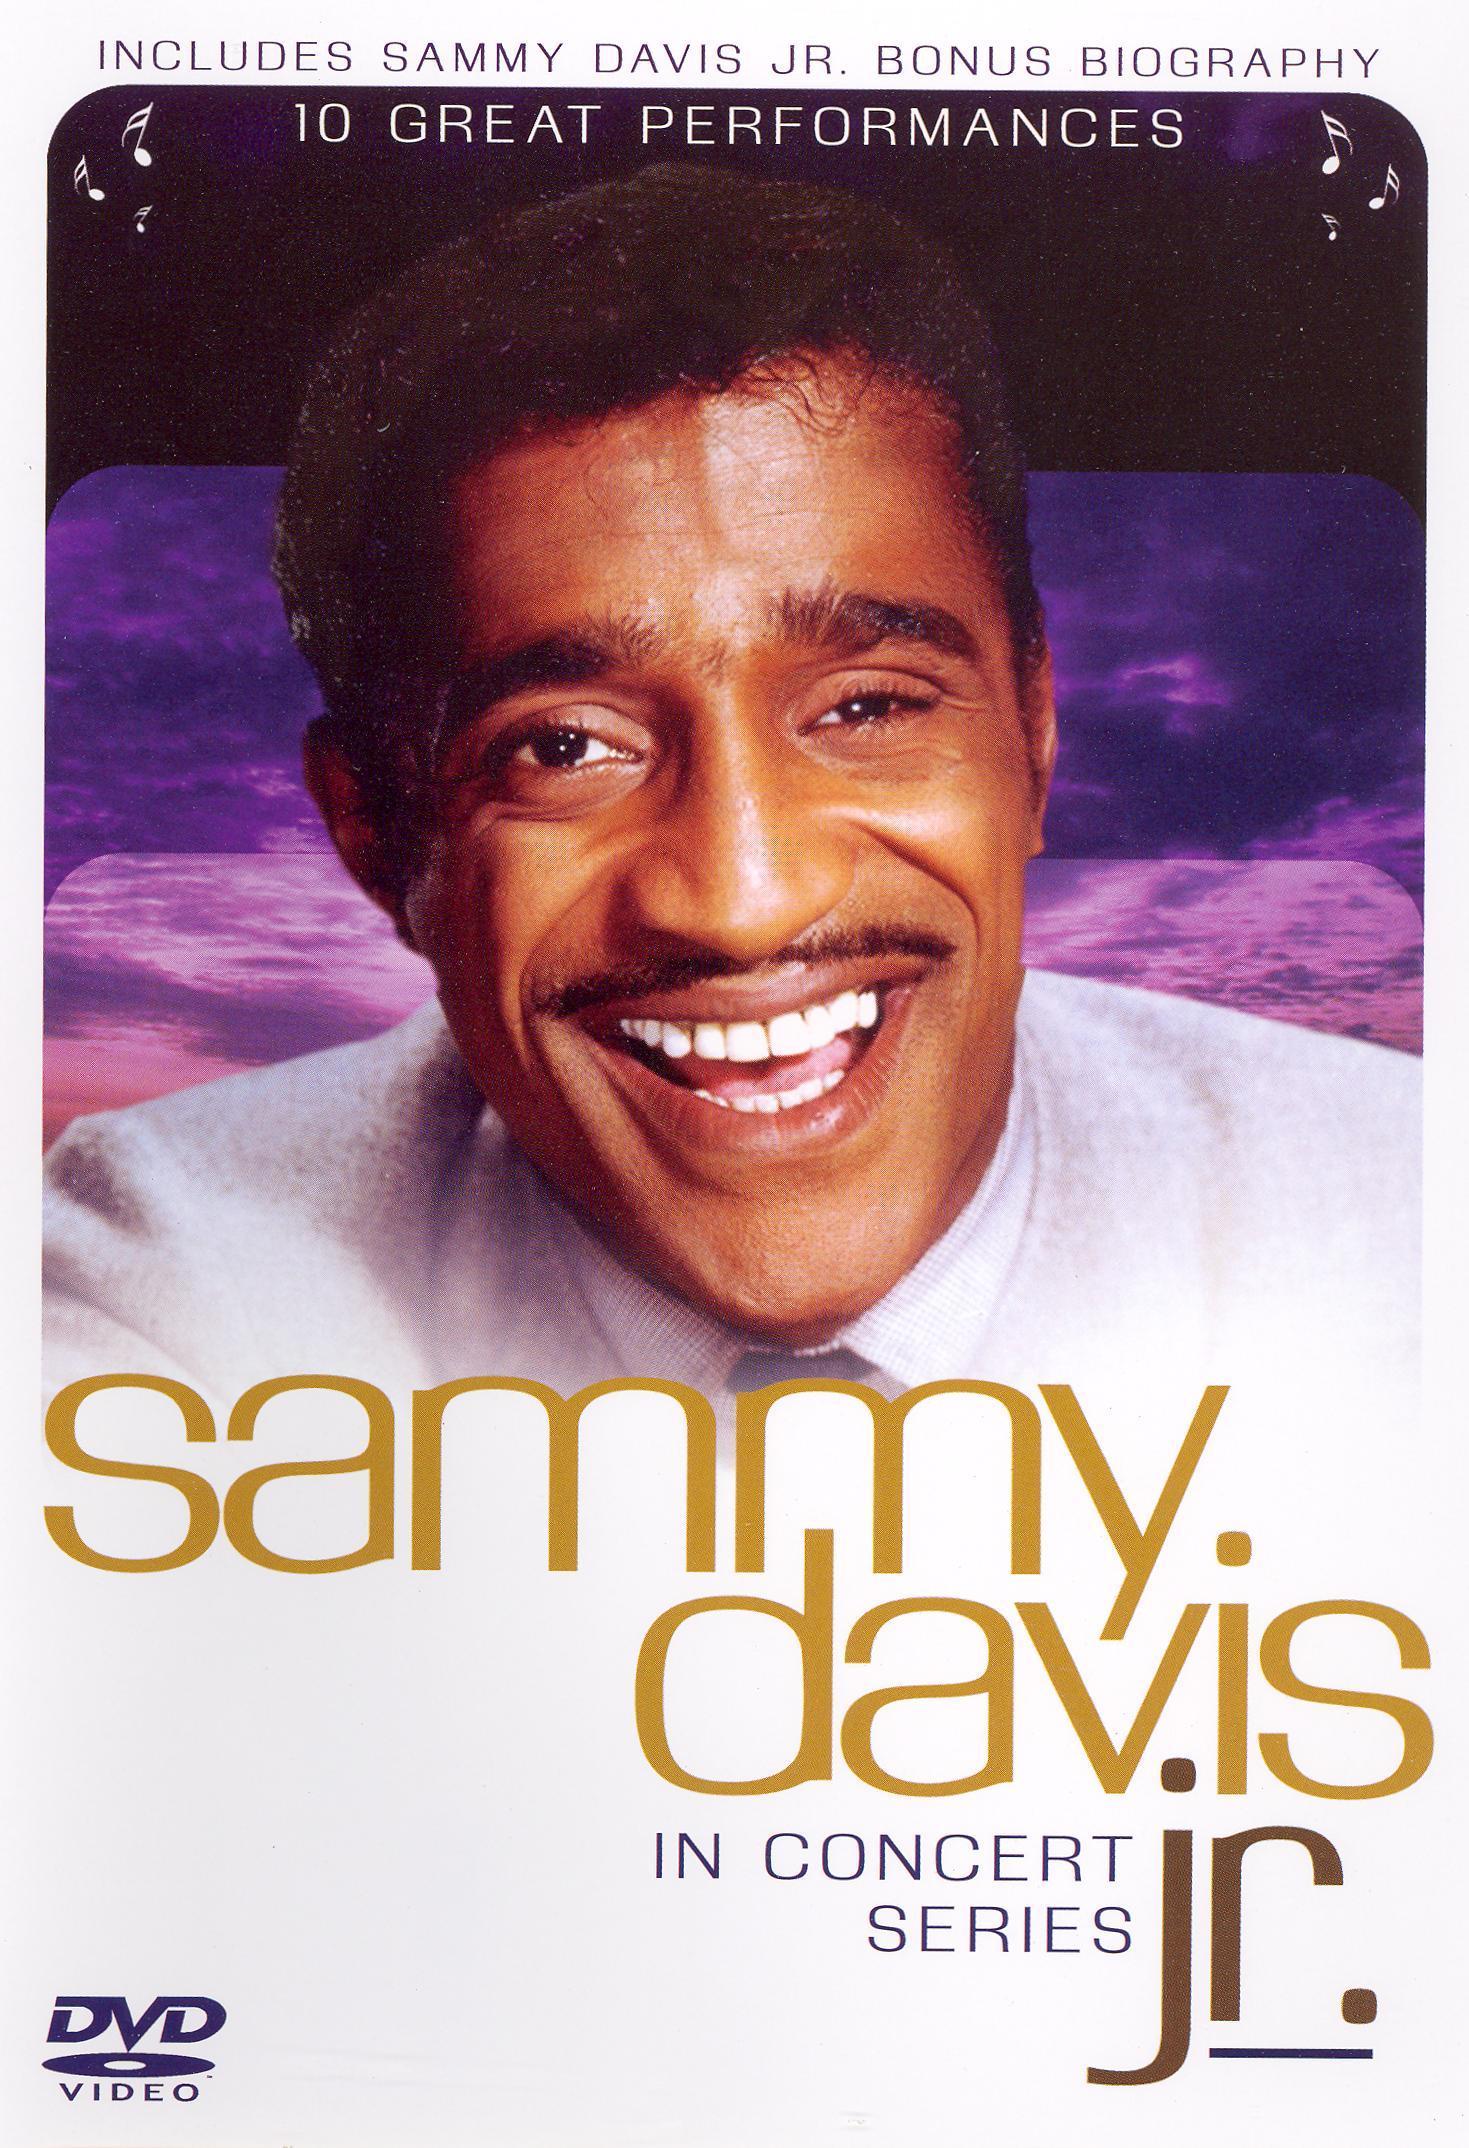 In Concert Series: Sammy Davis Jr.